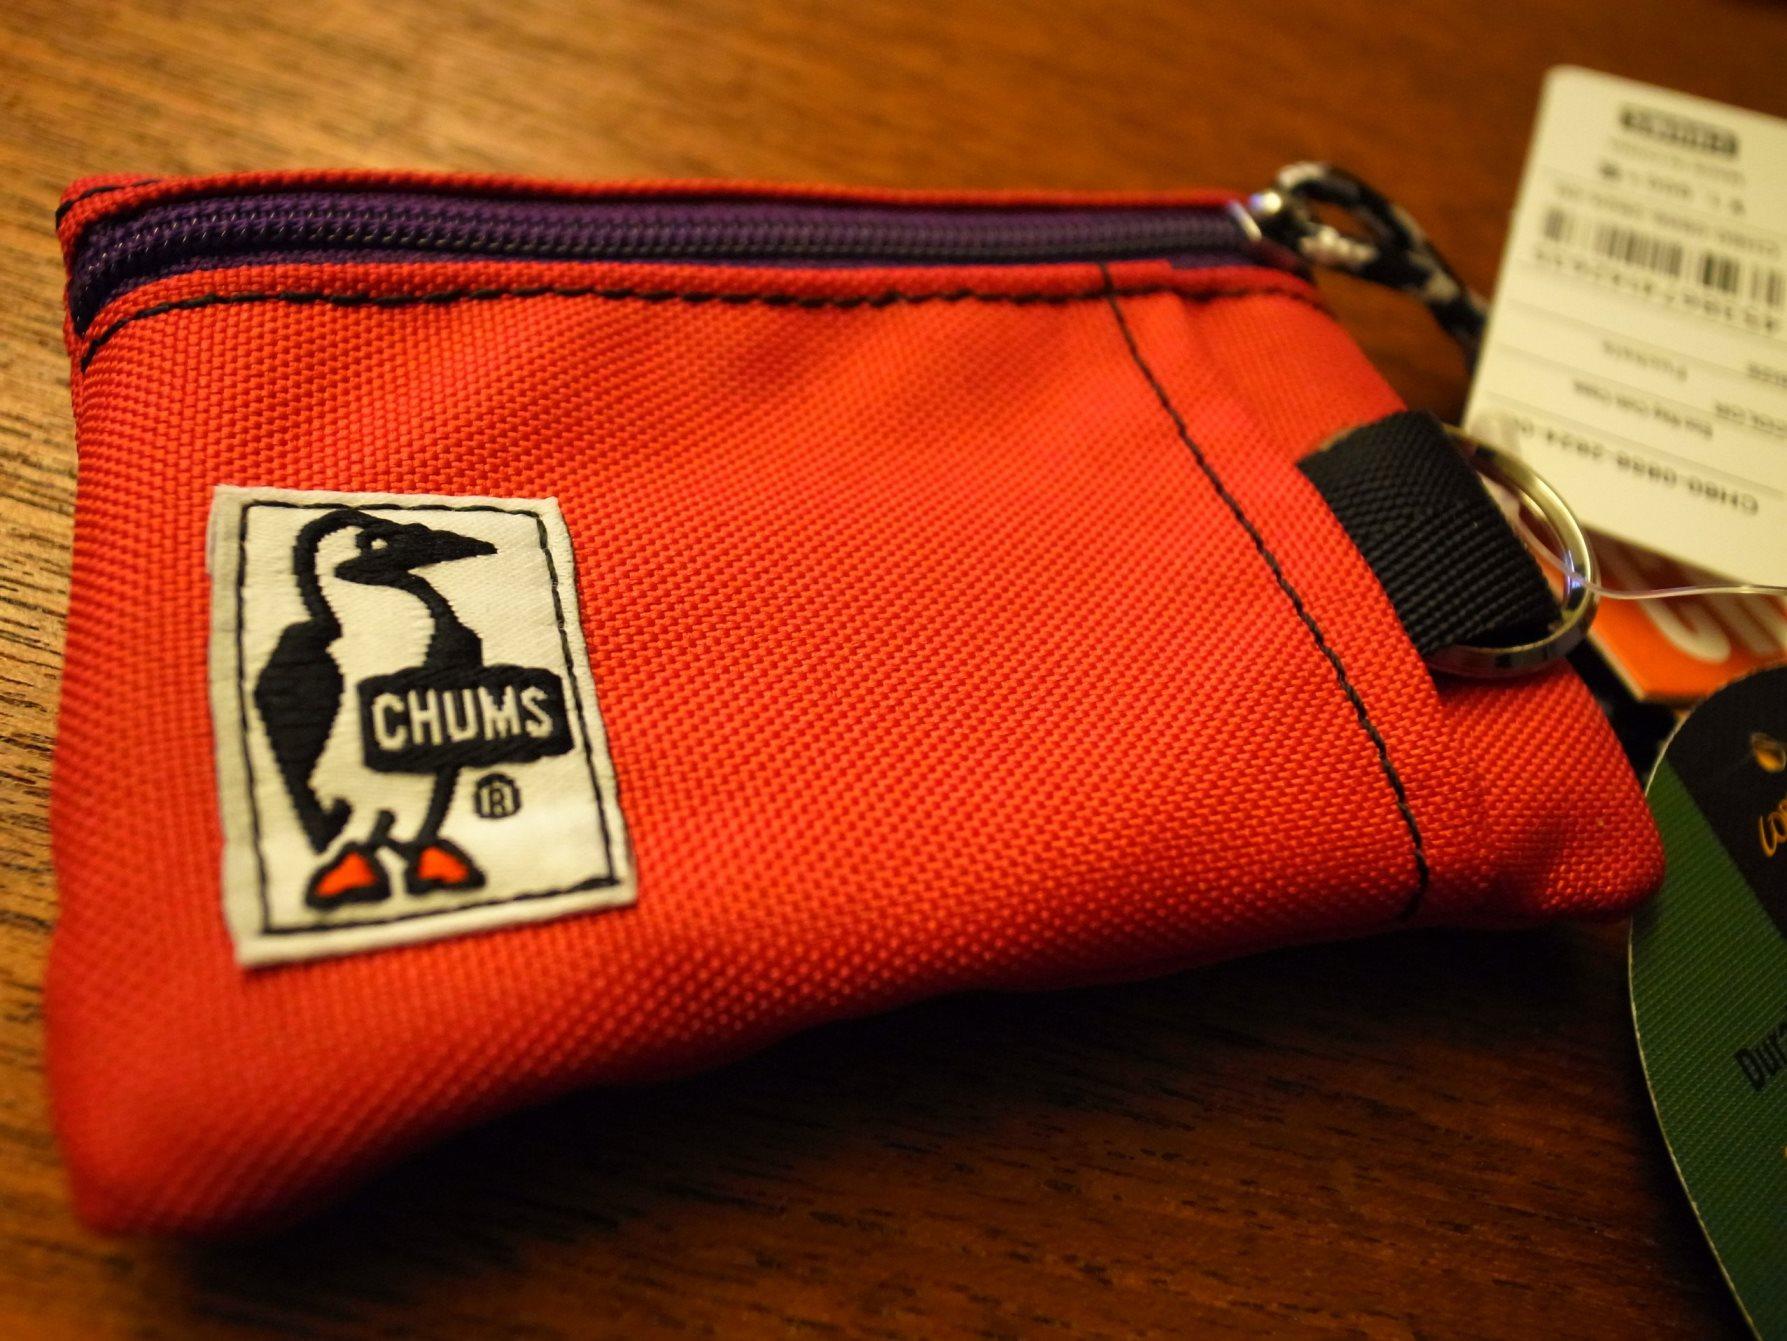 自転車用財布の決定版 CHUMS Eco Key Coin Case (チャムス エコ キーコインケース)を購入!